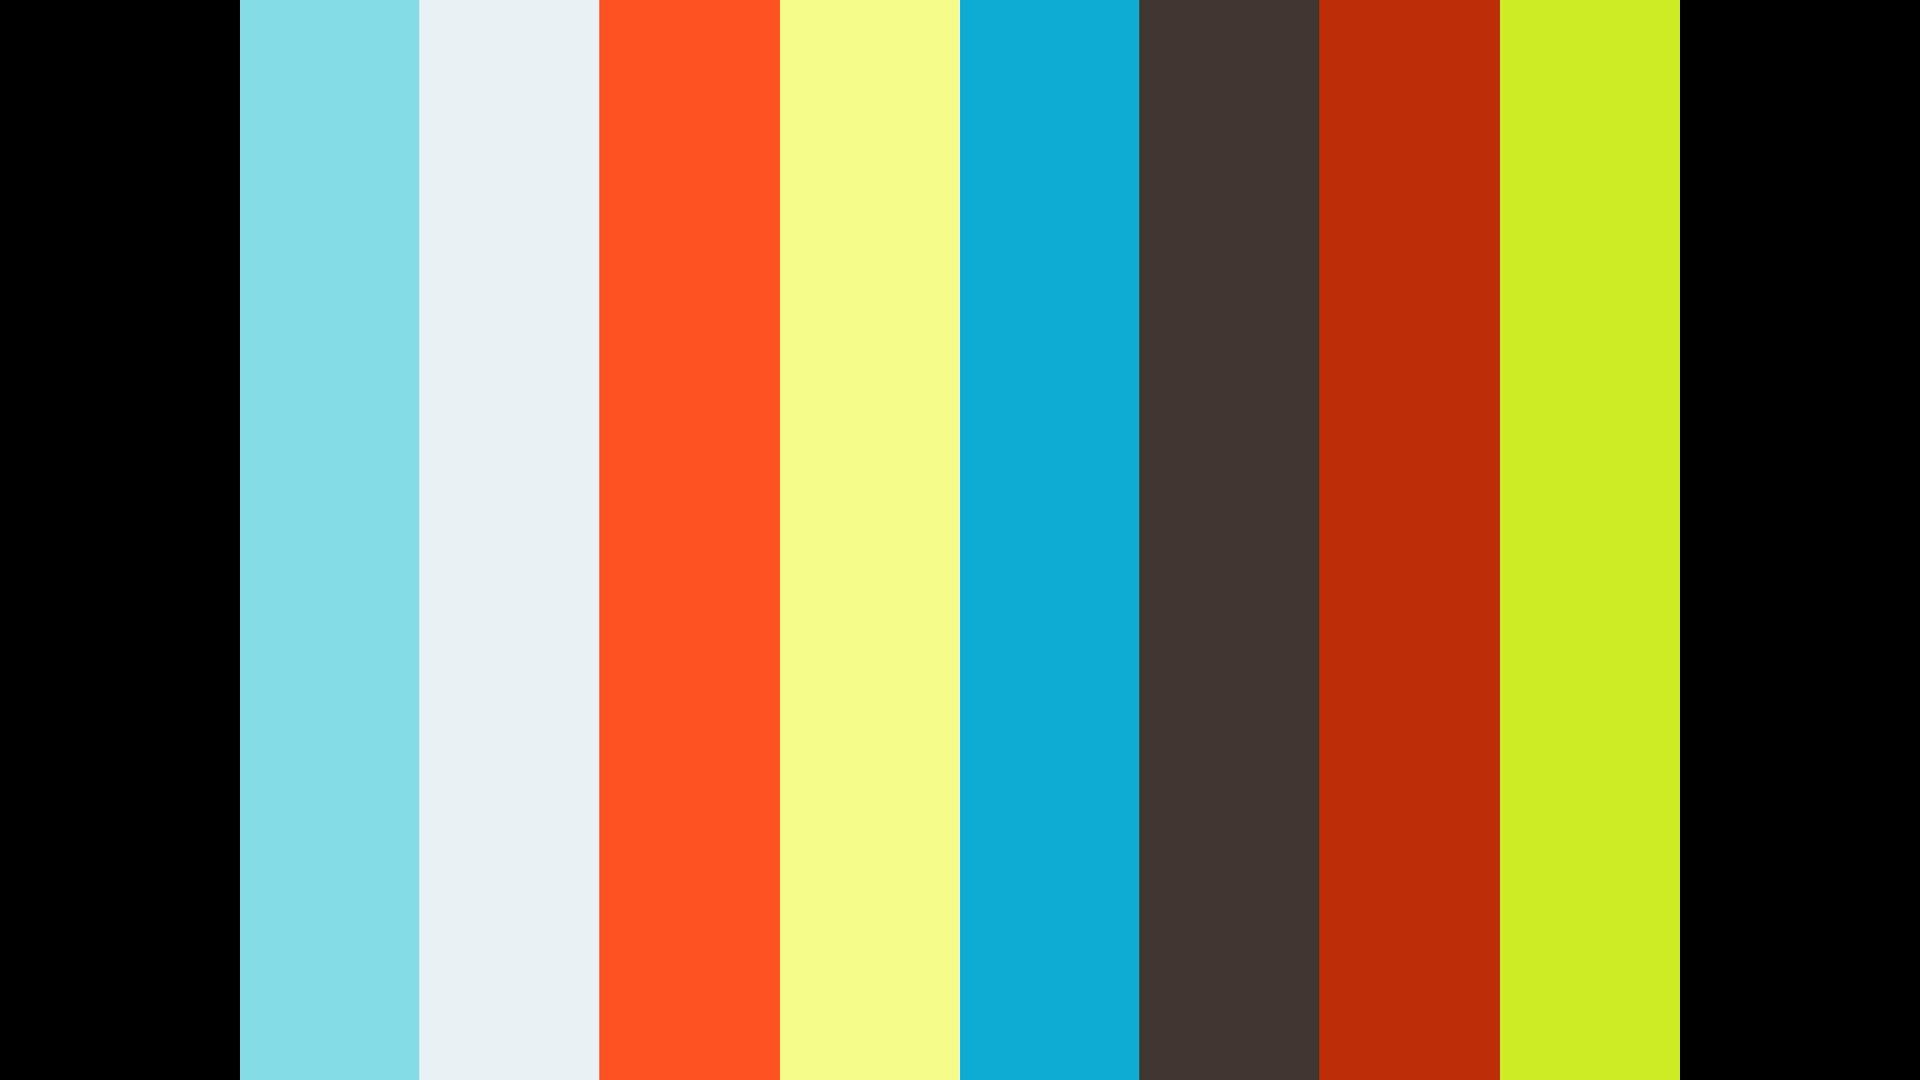 GALA_BEGIRADAK_TOPIC_2020